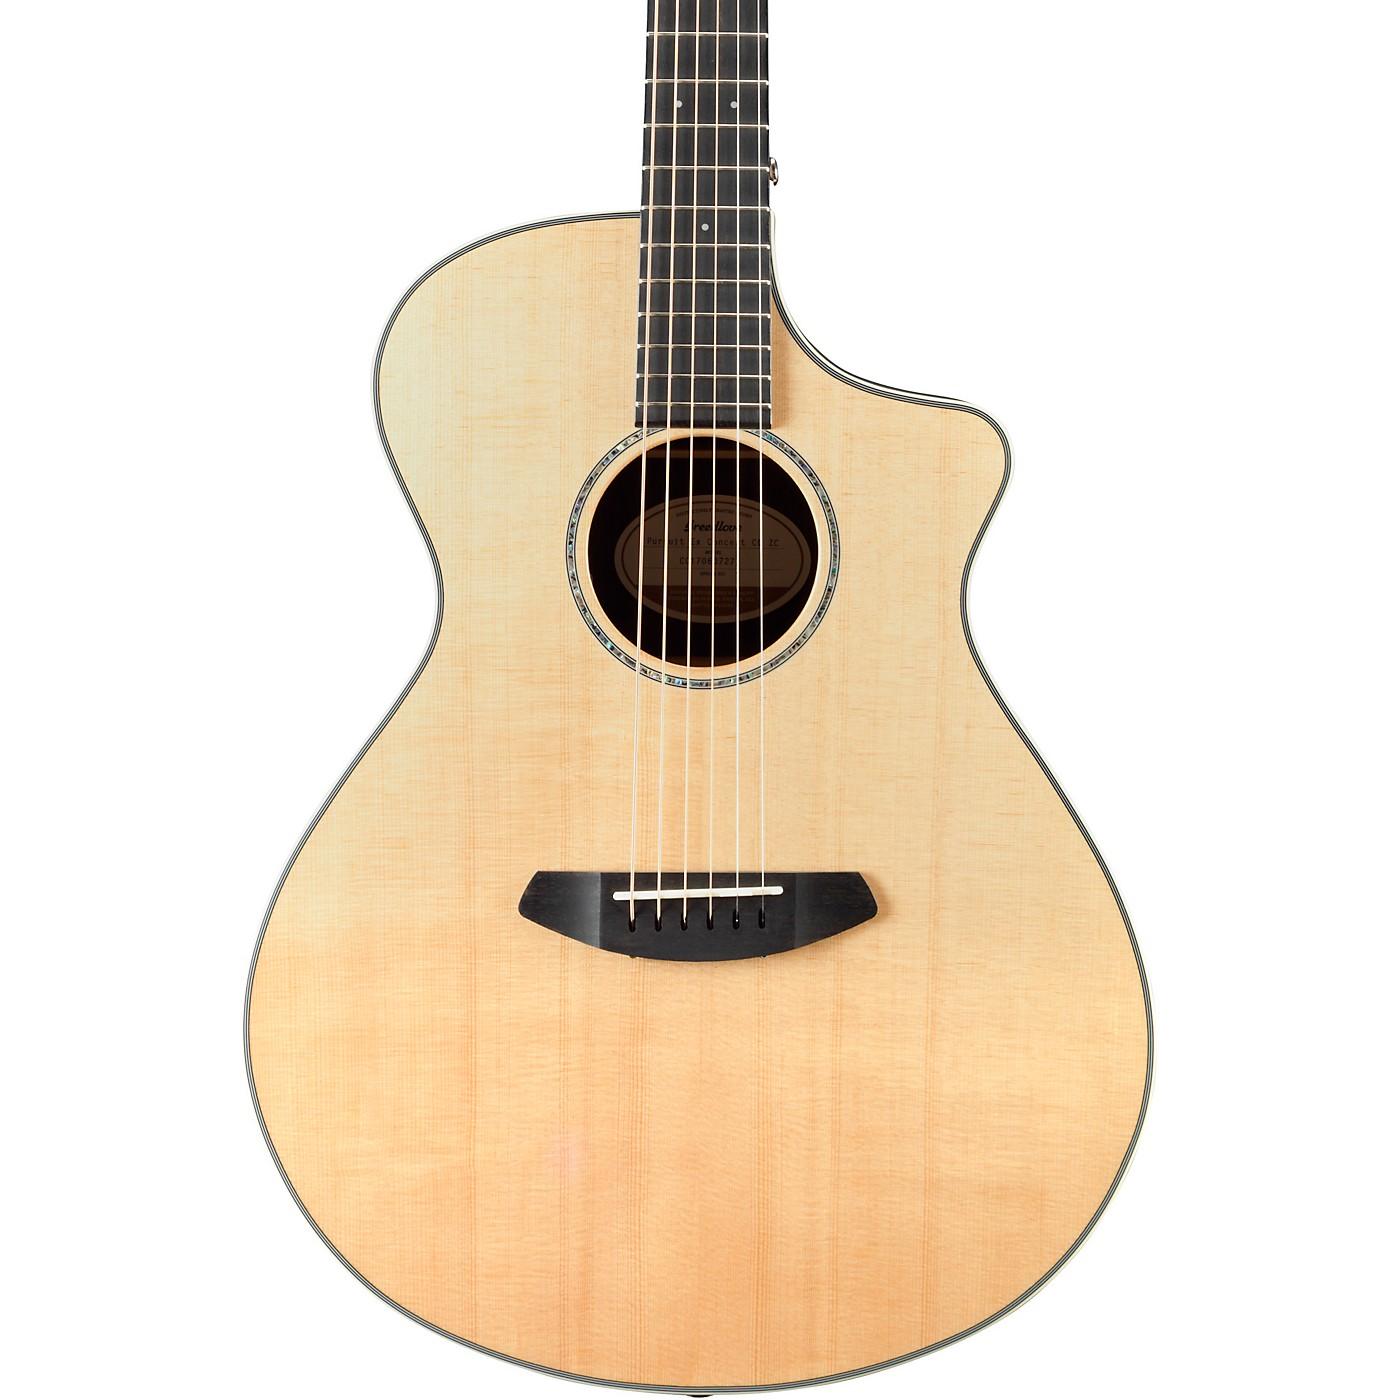 Breedlove Pursuit Concert Cutaway CE Sitka-Ziricote Acoustic-Electric Guitar thumbnail